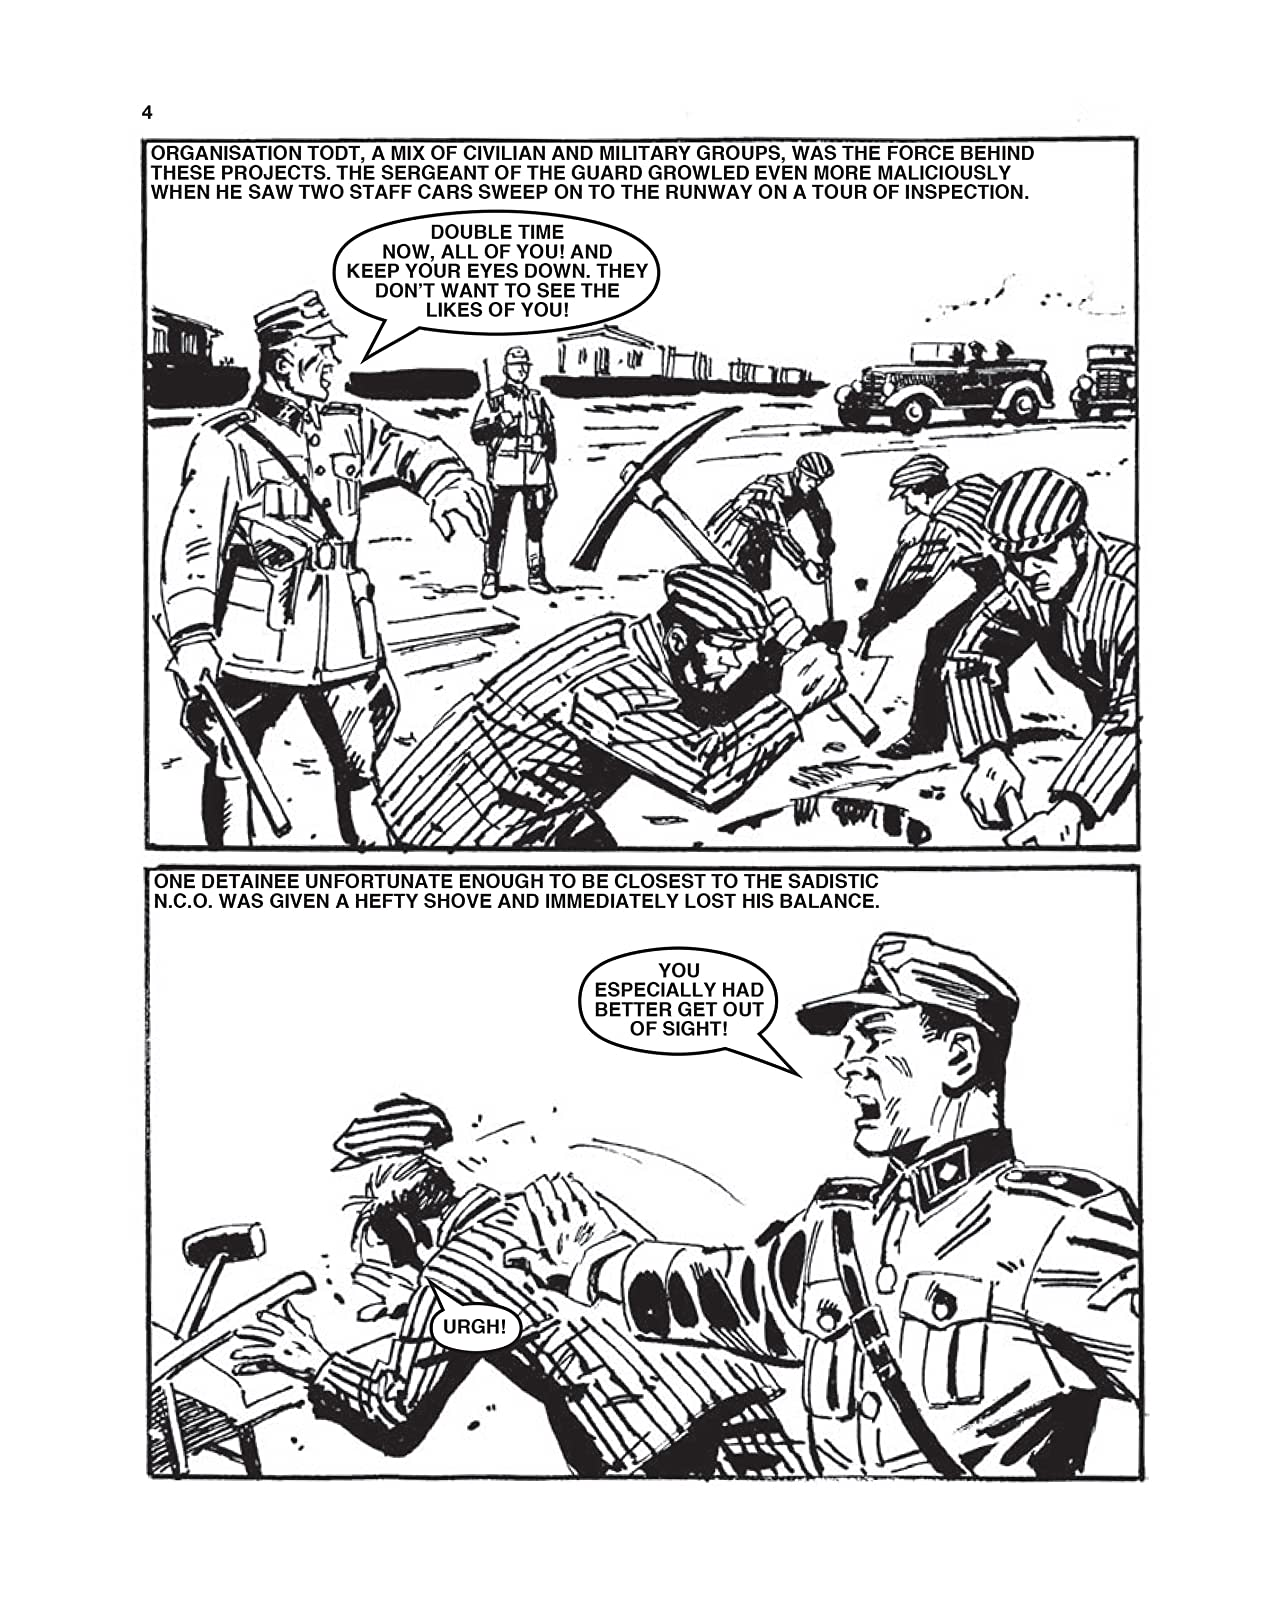 Commando #4346: Seeing Double